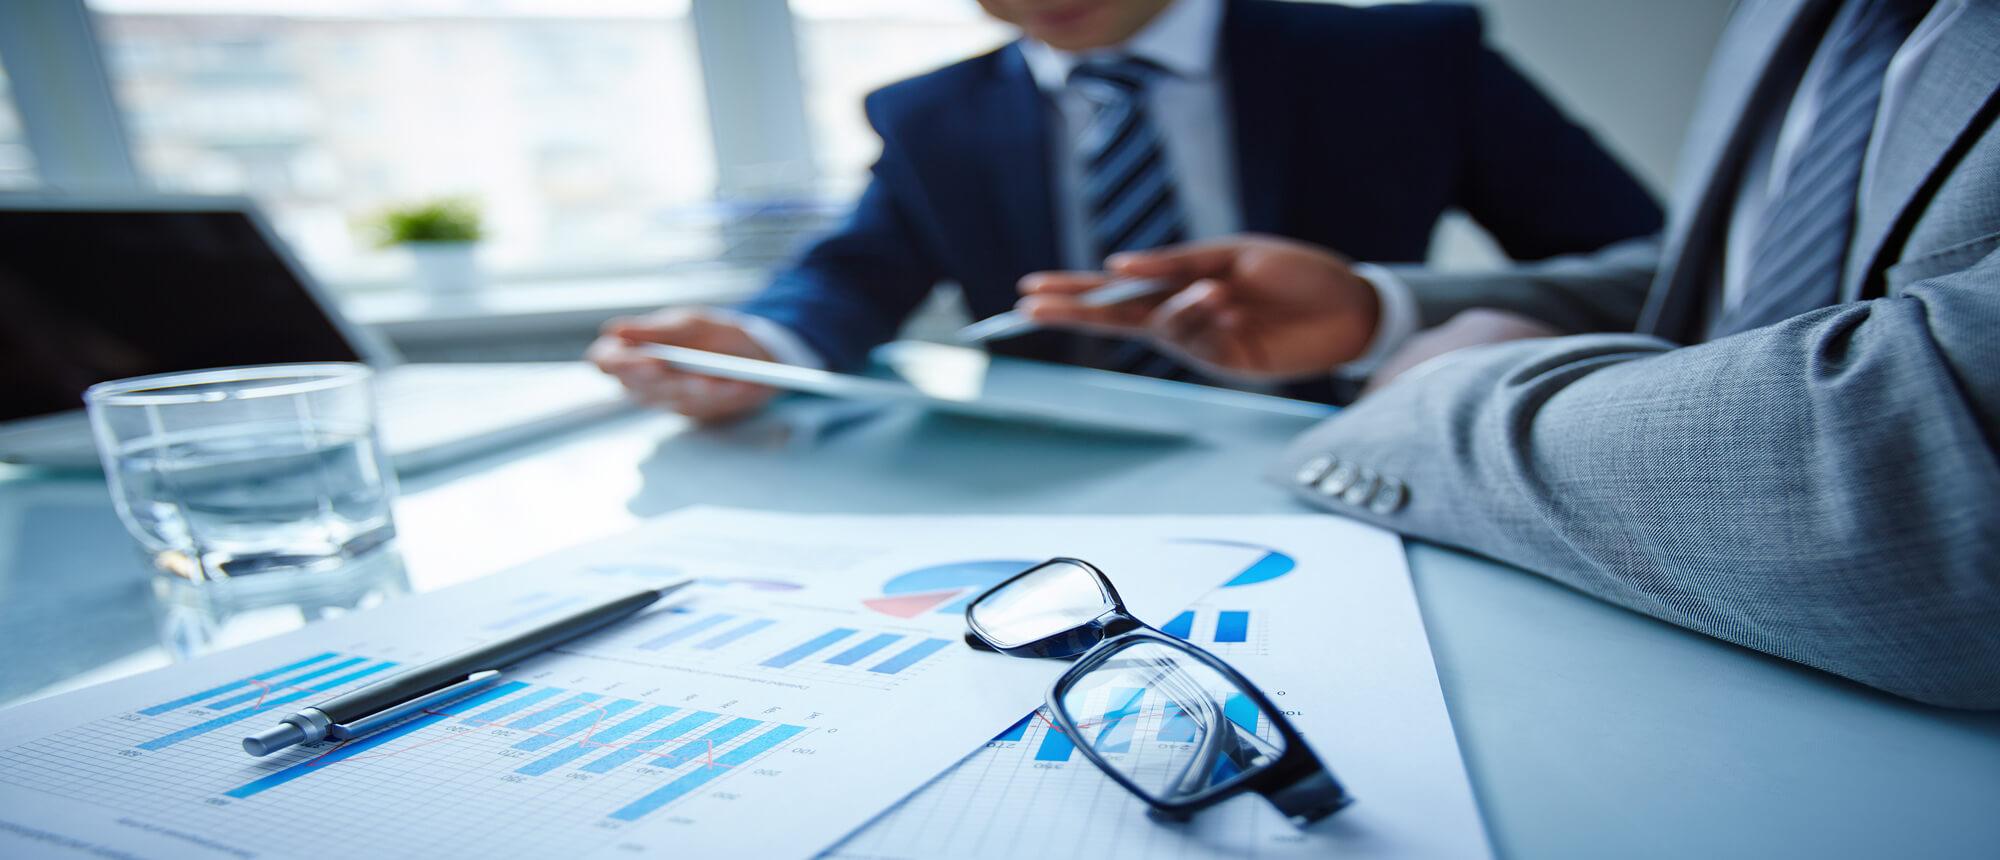 Usa estos valores de referencia para contratar una consultoría de gestión de personas-1